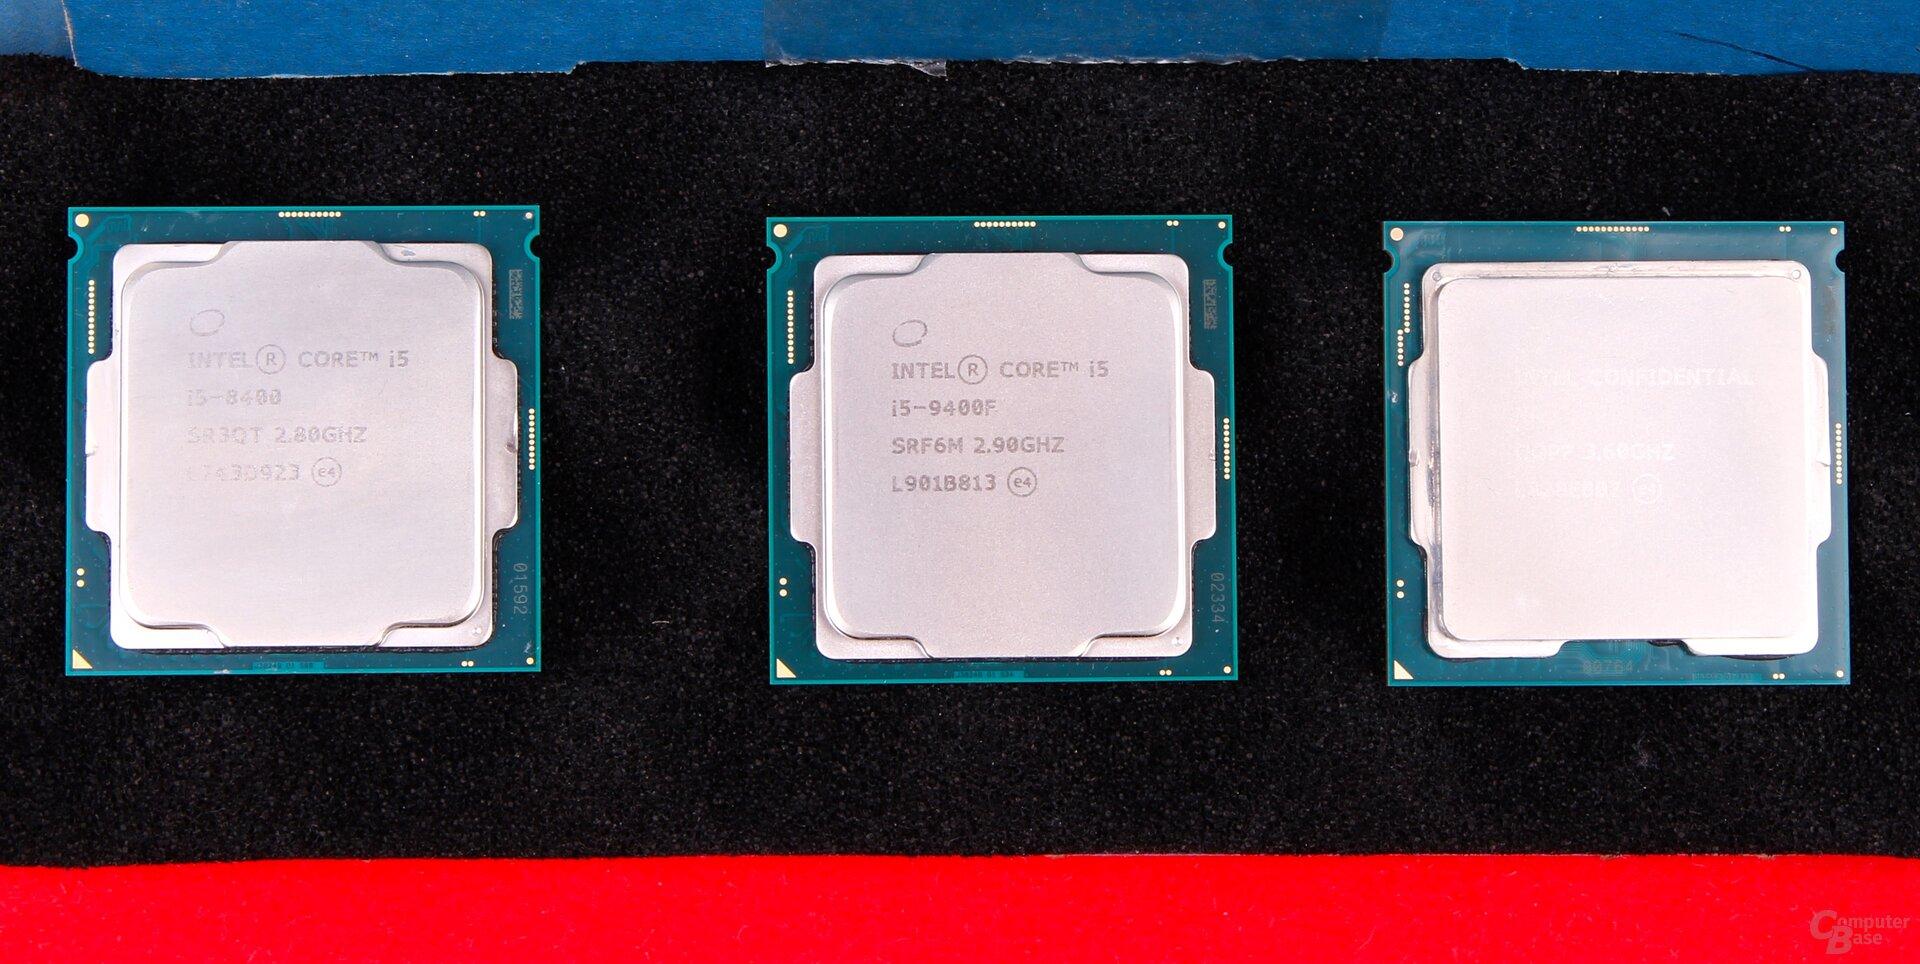 i5-8400 und i5-9400F mit gleichem Heatspreader, 9900K setzt auf neues Modell